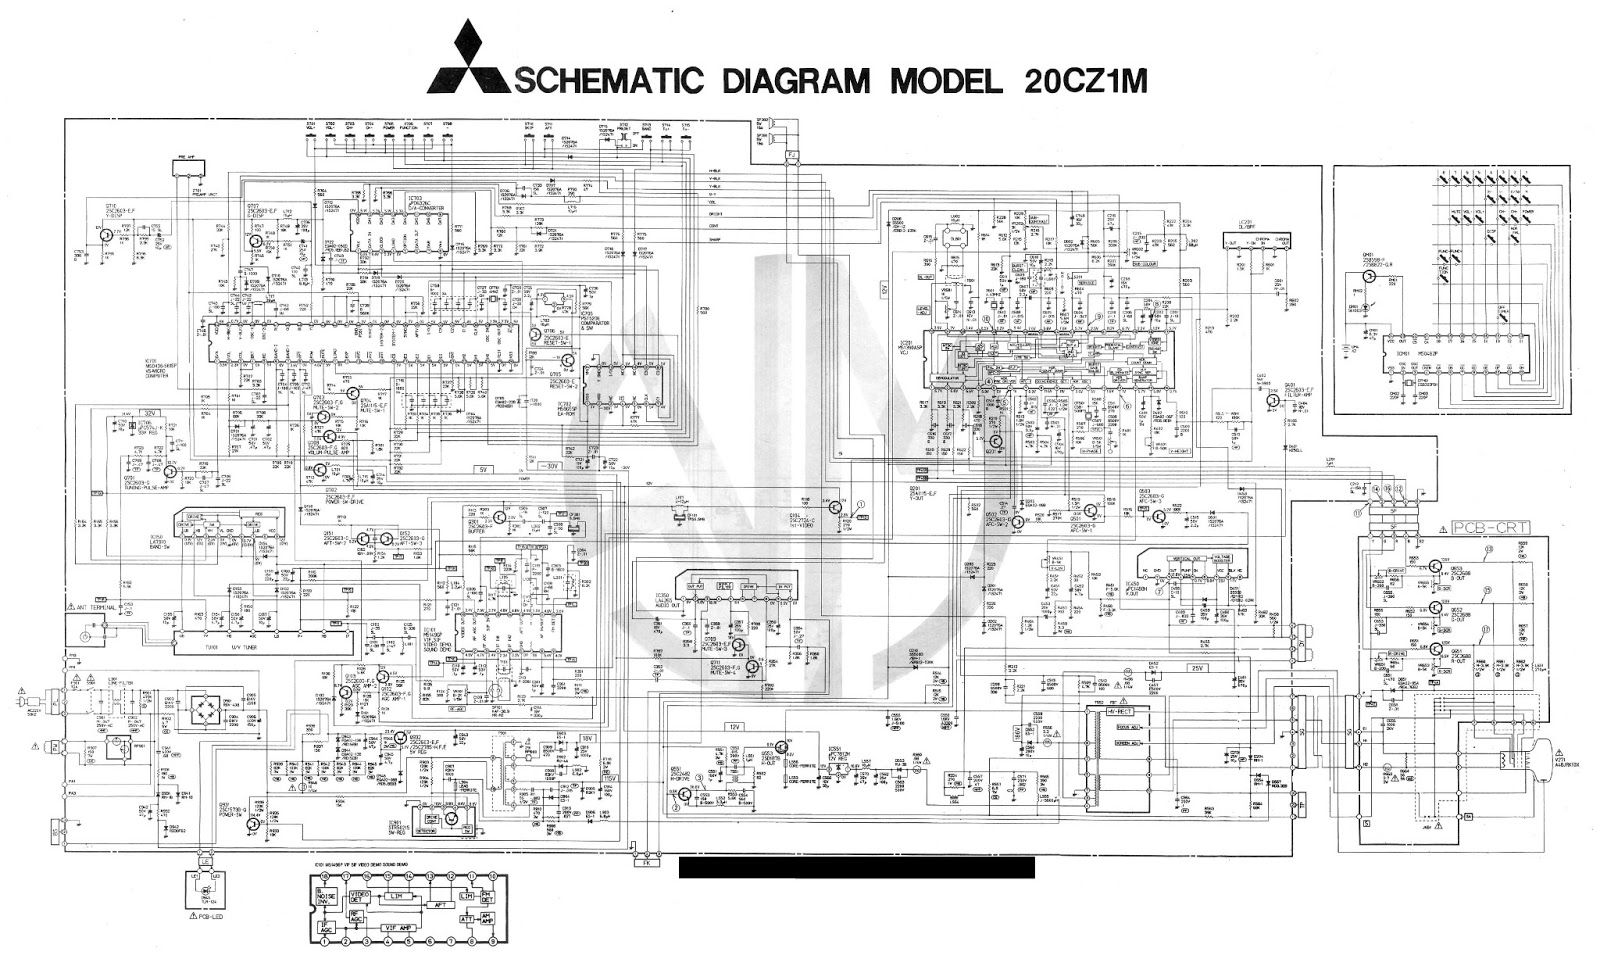 small resolution of schematic diagram mitsubishi tv 15 13 combatarms game de u2022mitsubishi tv diagram 10 artatec automobile